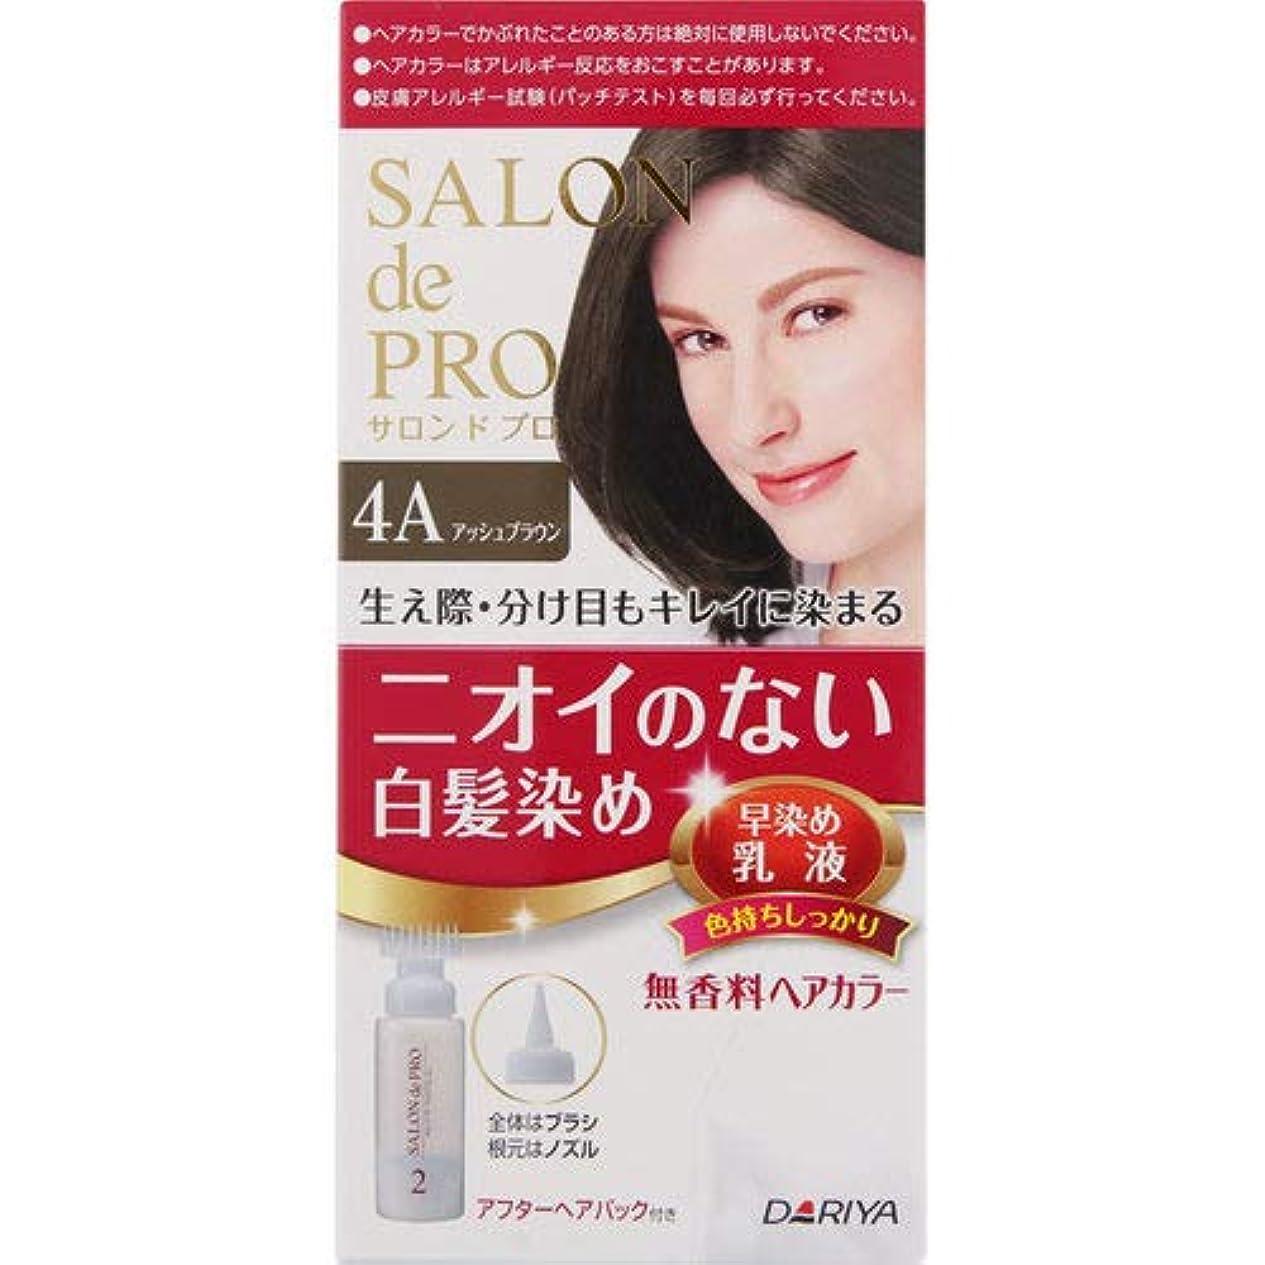 入口姉妹含意サロンドプロ無香料ヘアカラー早染め乳液4A(アッシュブラウン)